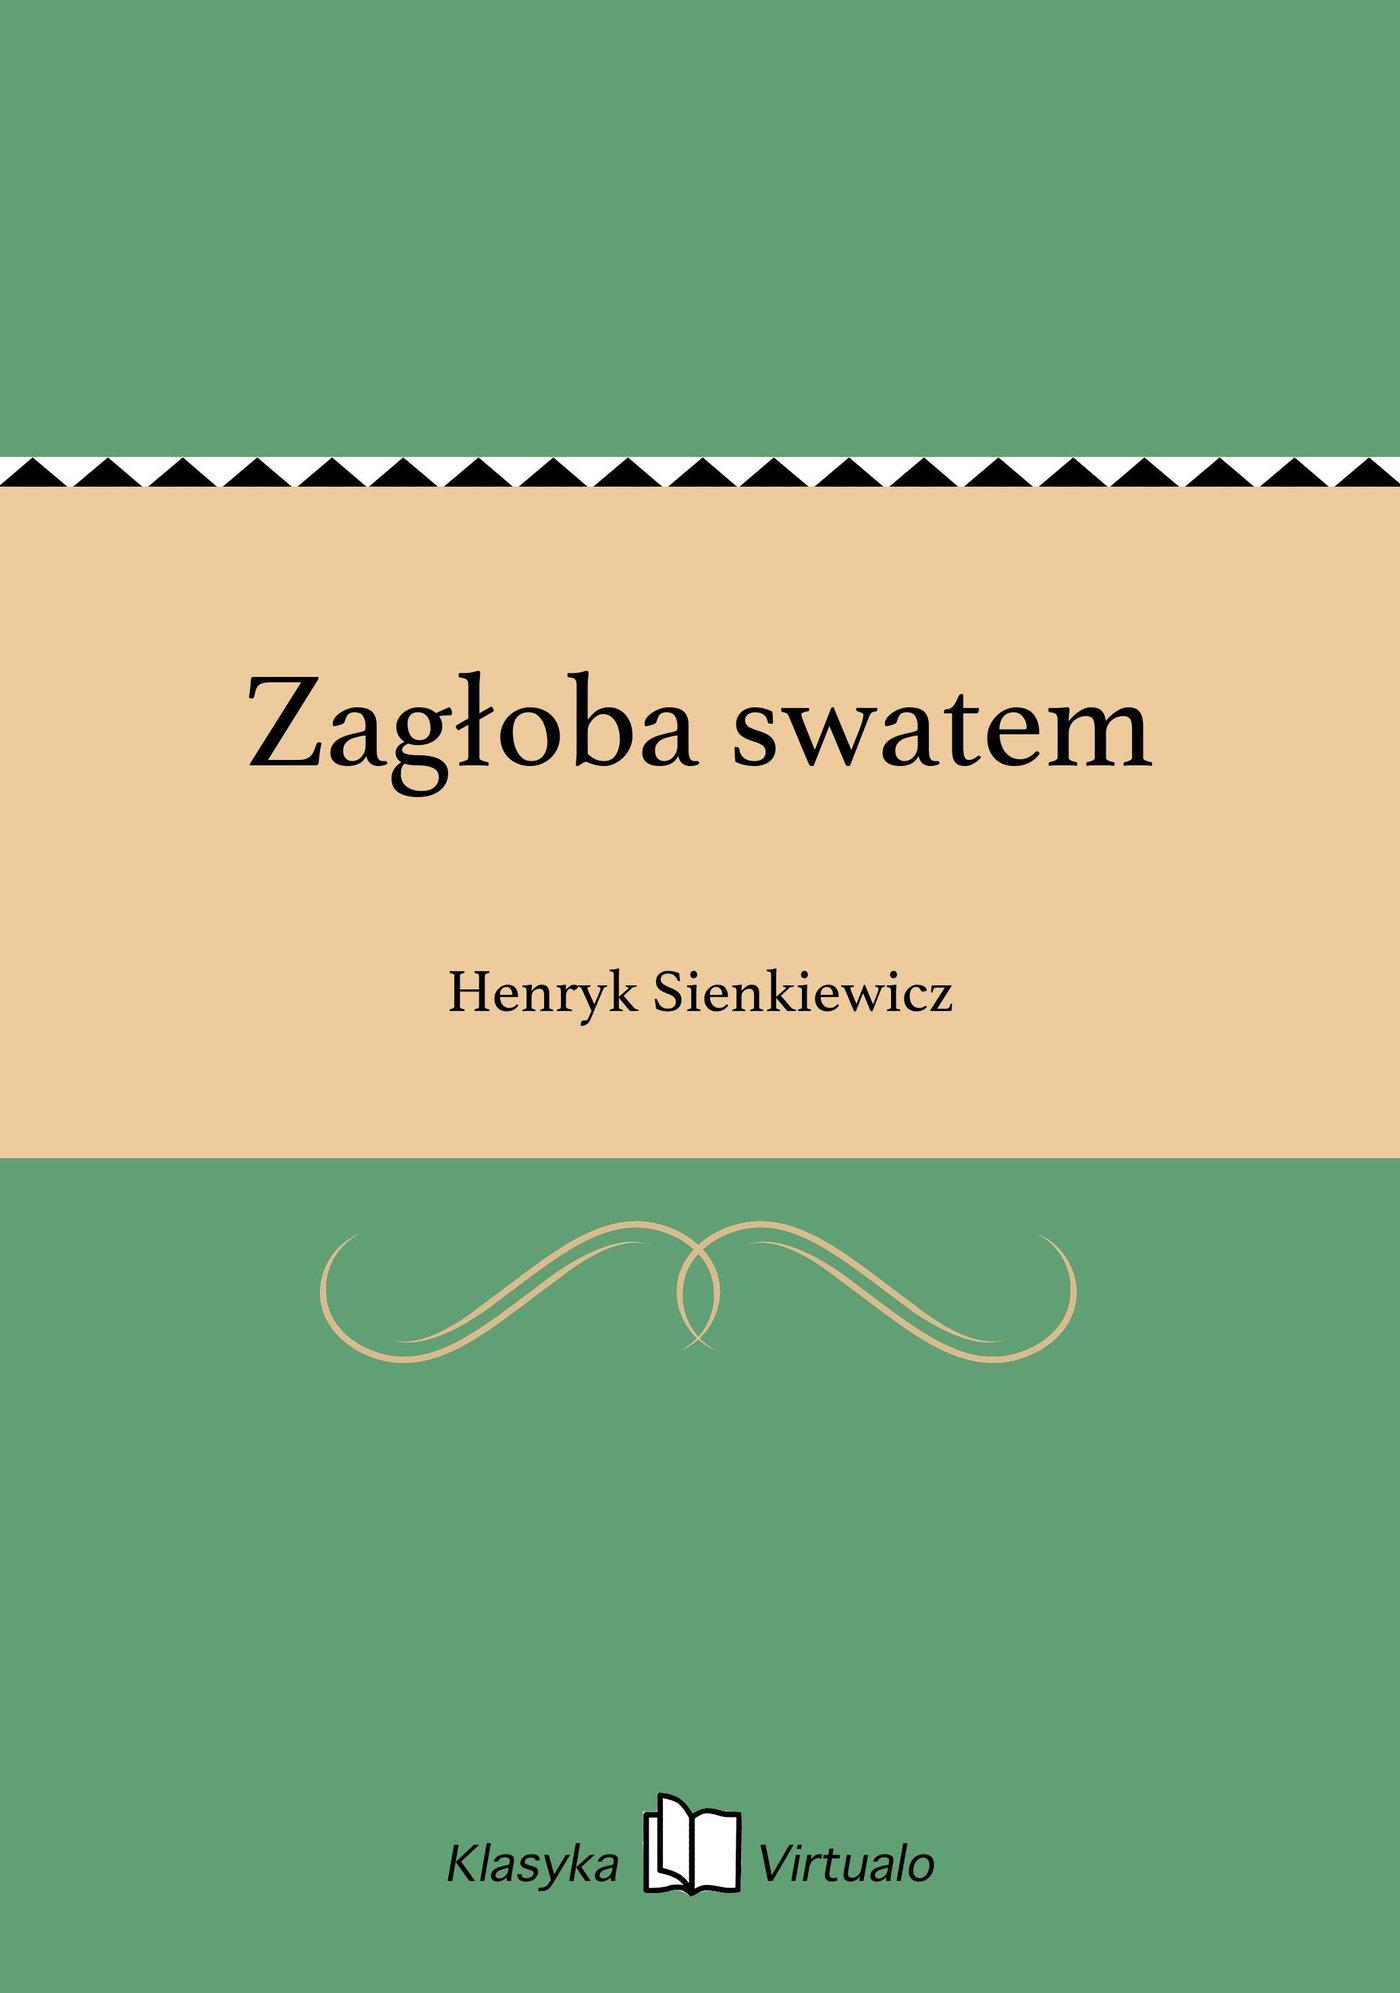 Zagłoba swatem - Ebook (Książka EPUB) do pobrania w formacie EPUB